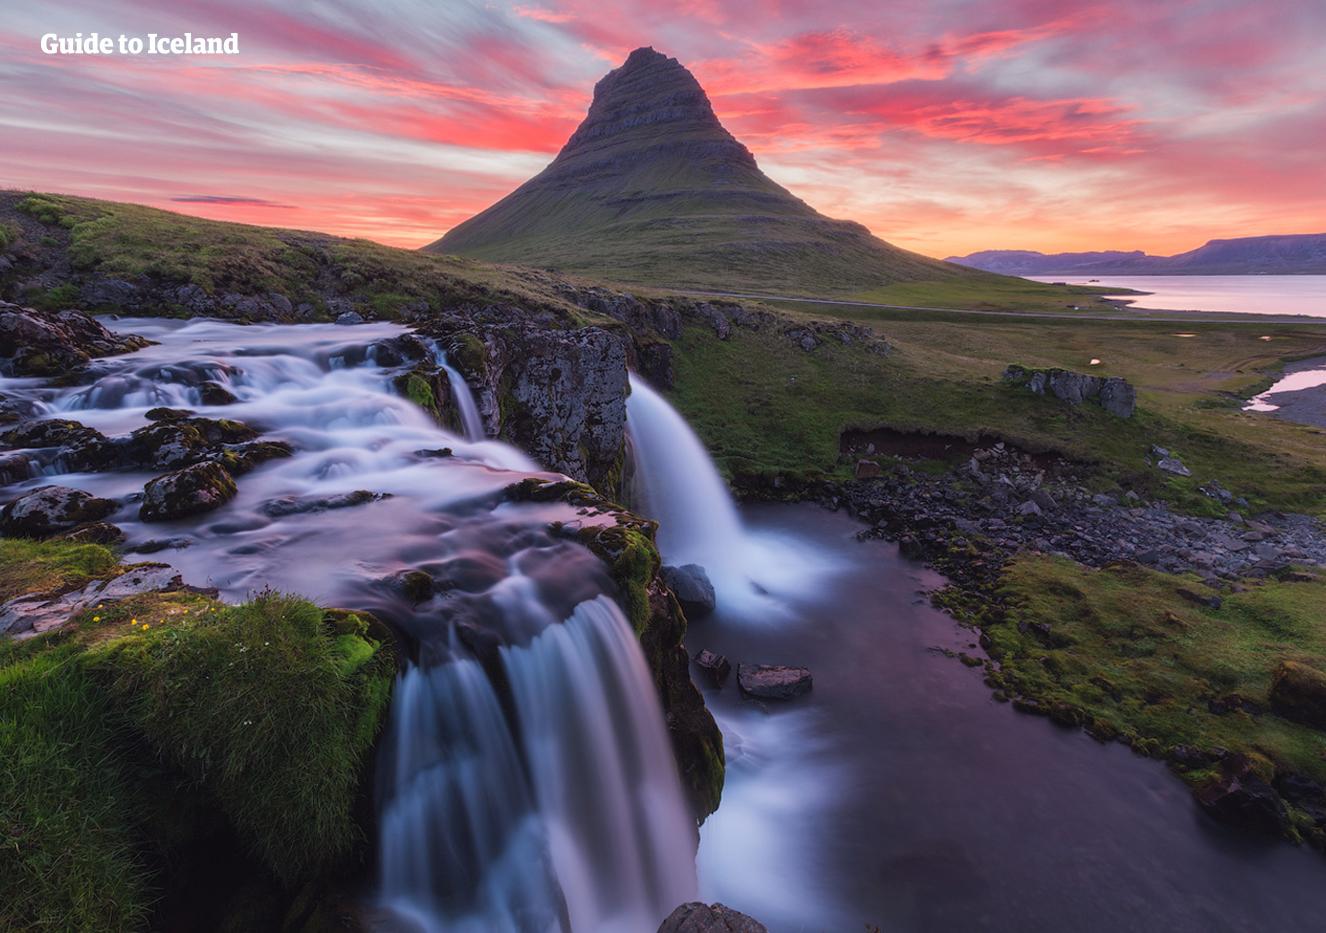 Circuit été de 8 jours | Tour d'Islande et Snaefellsnes en petit groupe - day 8